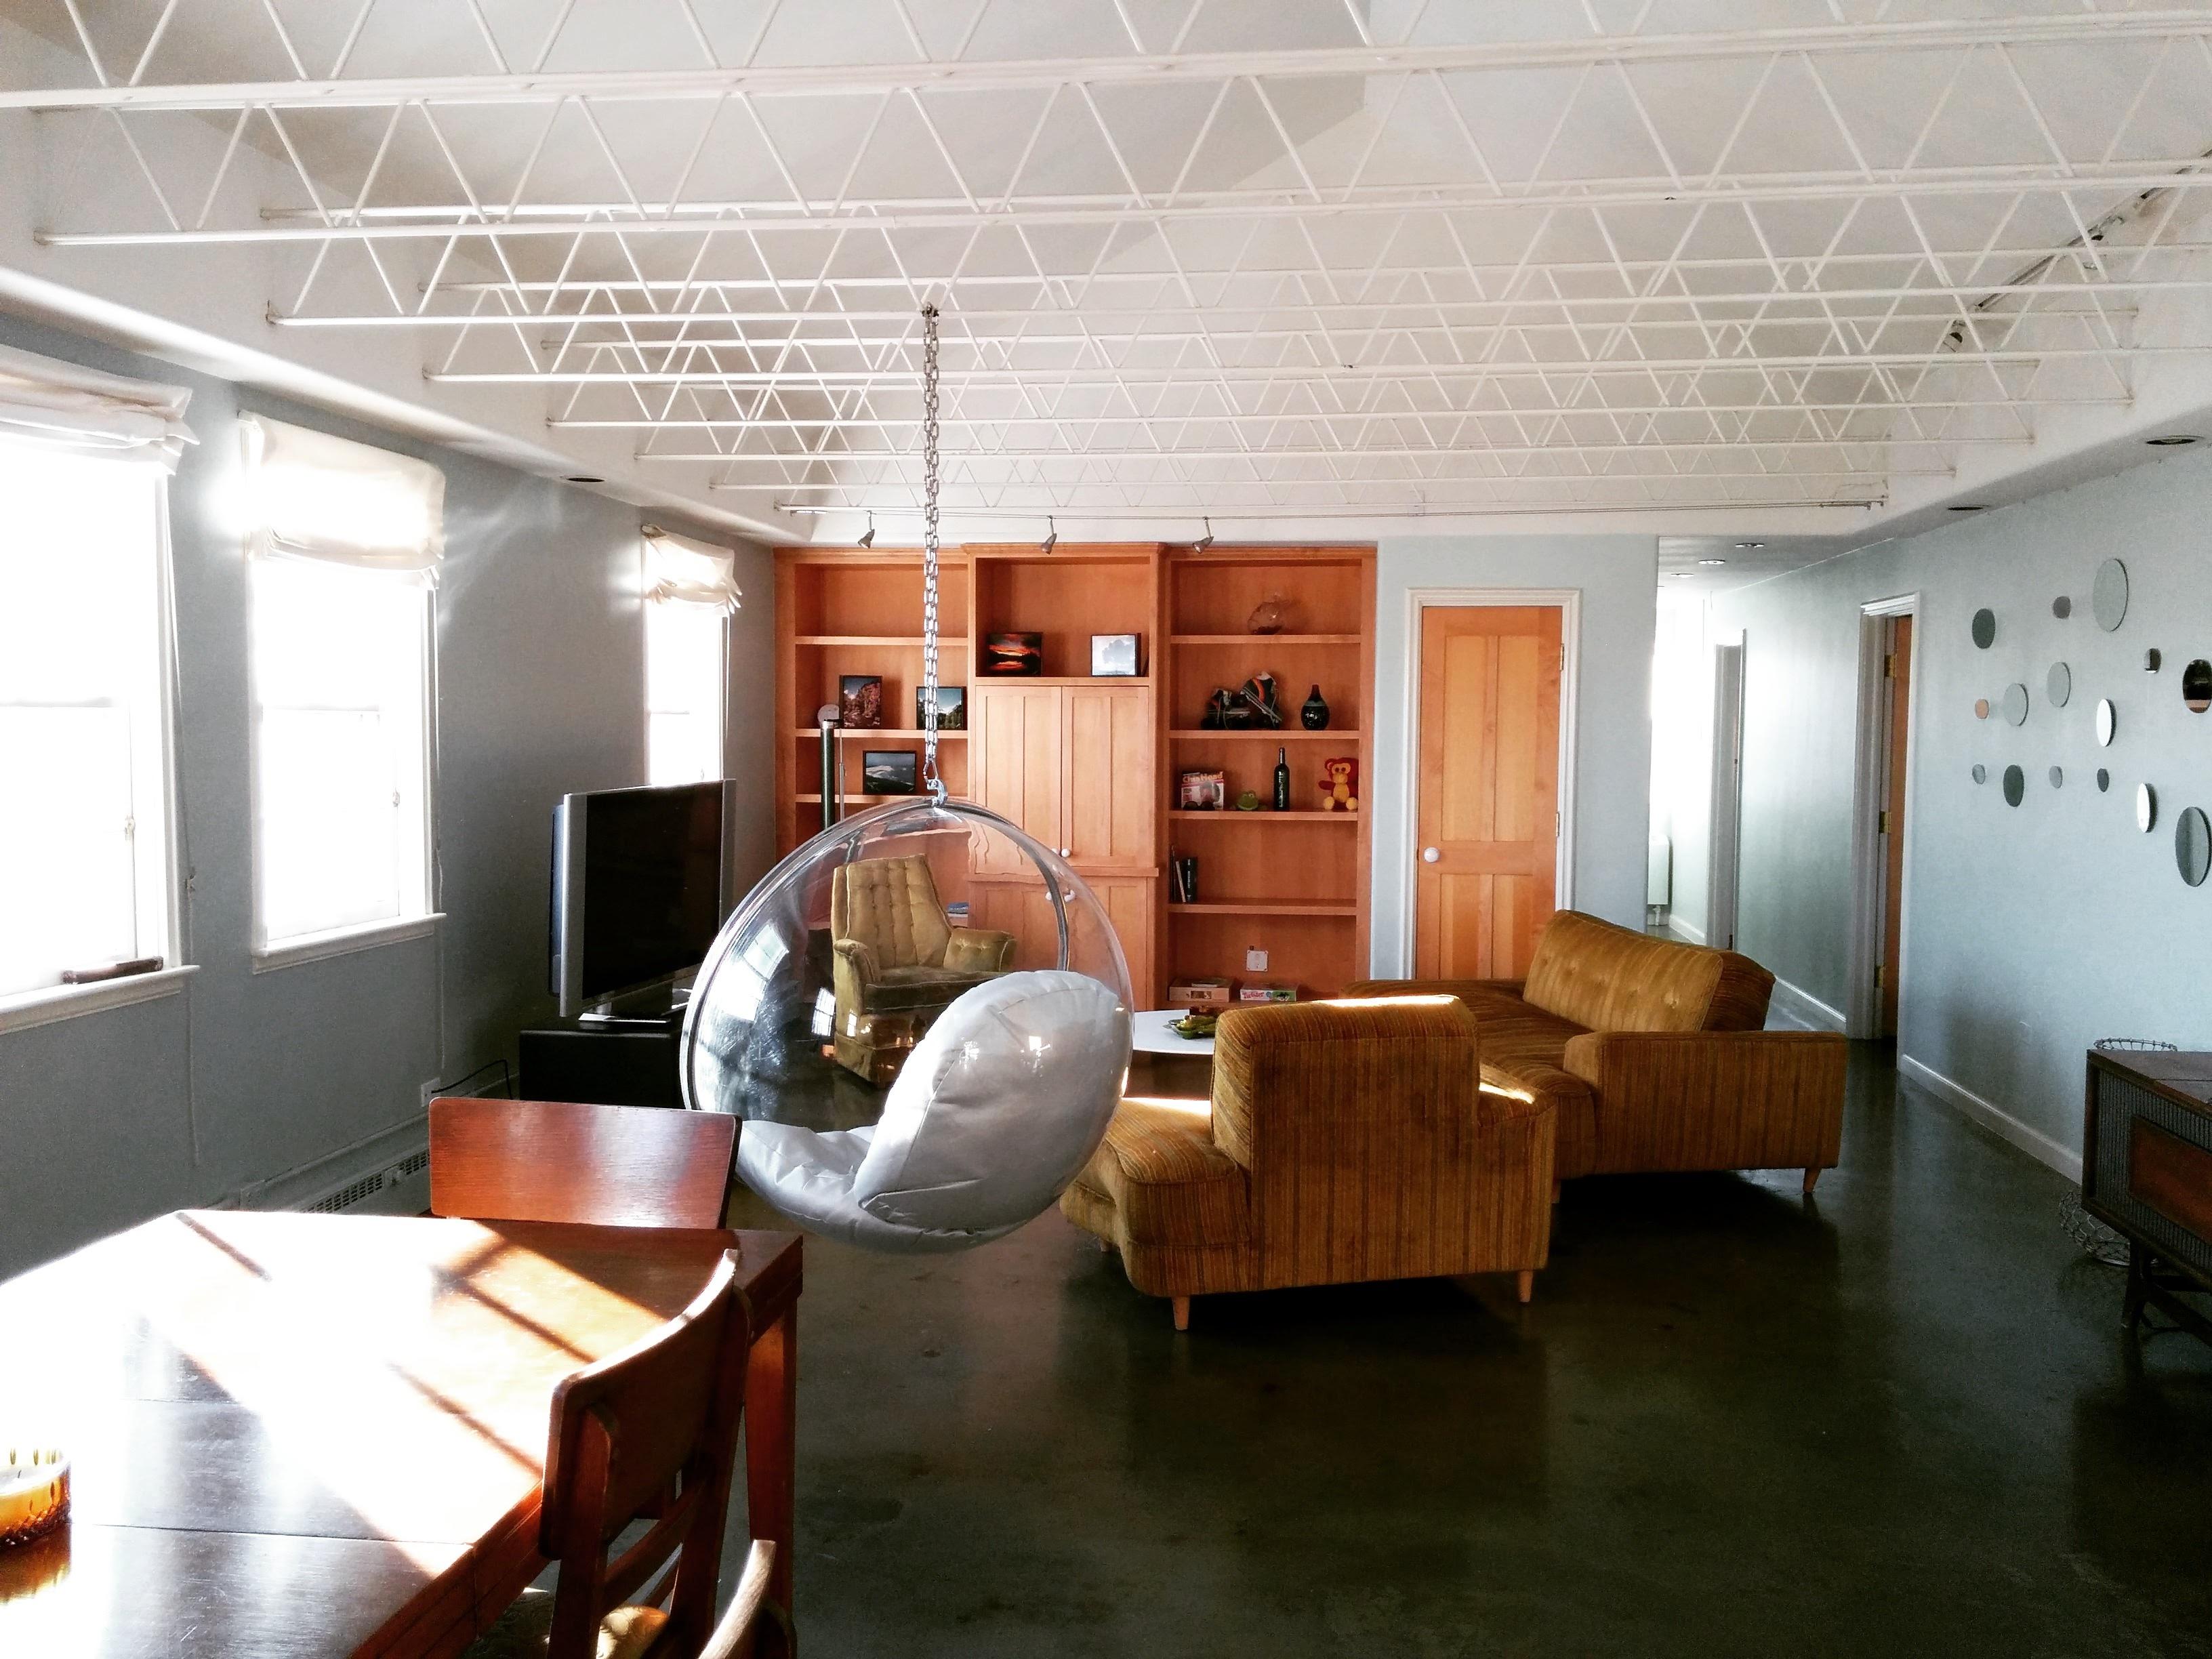 무료 이미지 : 건물, 집, 천장, 로프트, 사무실, 재산, 거실, 방 ...